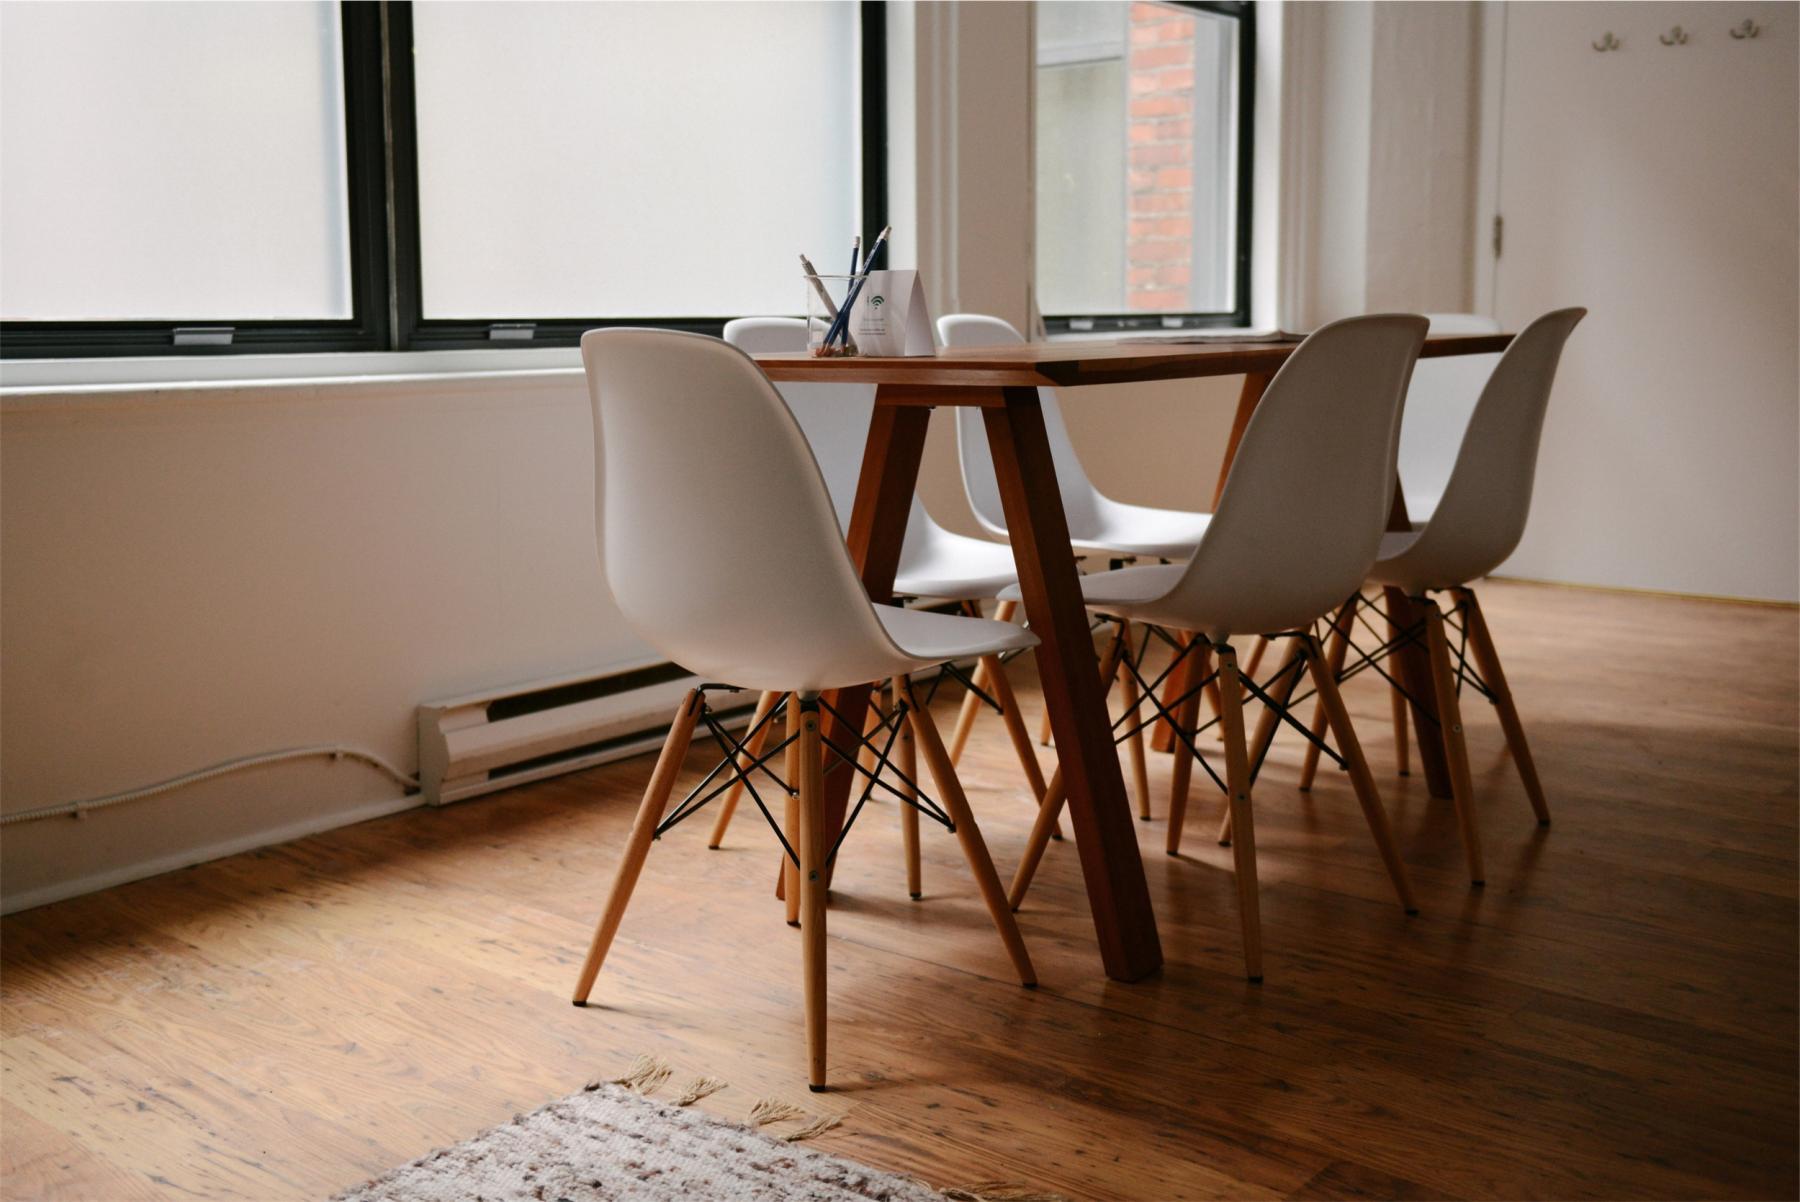 Espace de bureau chaleureux avec grandes fenêtres et sol en bois dans la rue des Belles-Feuilles